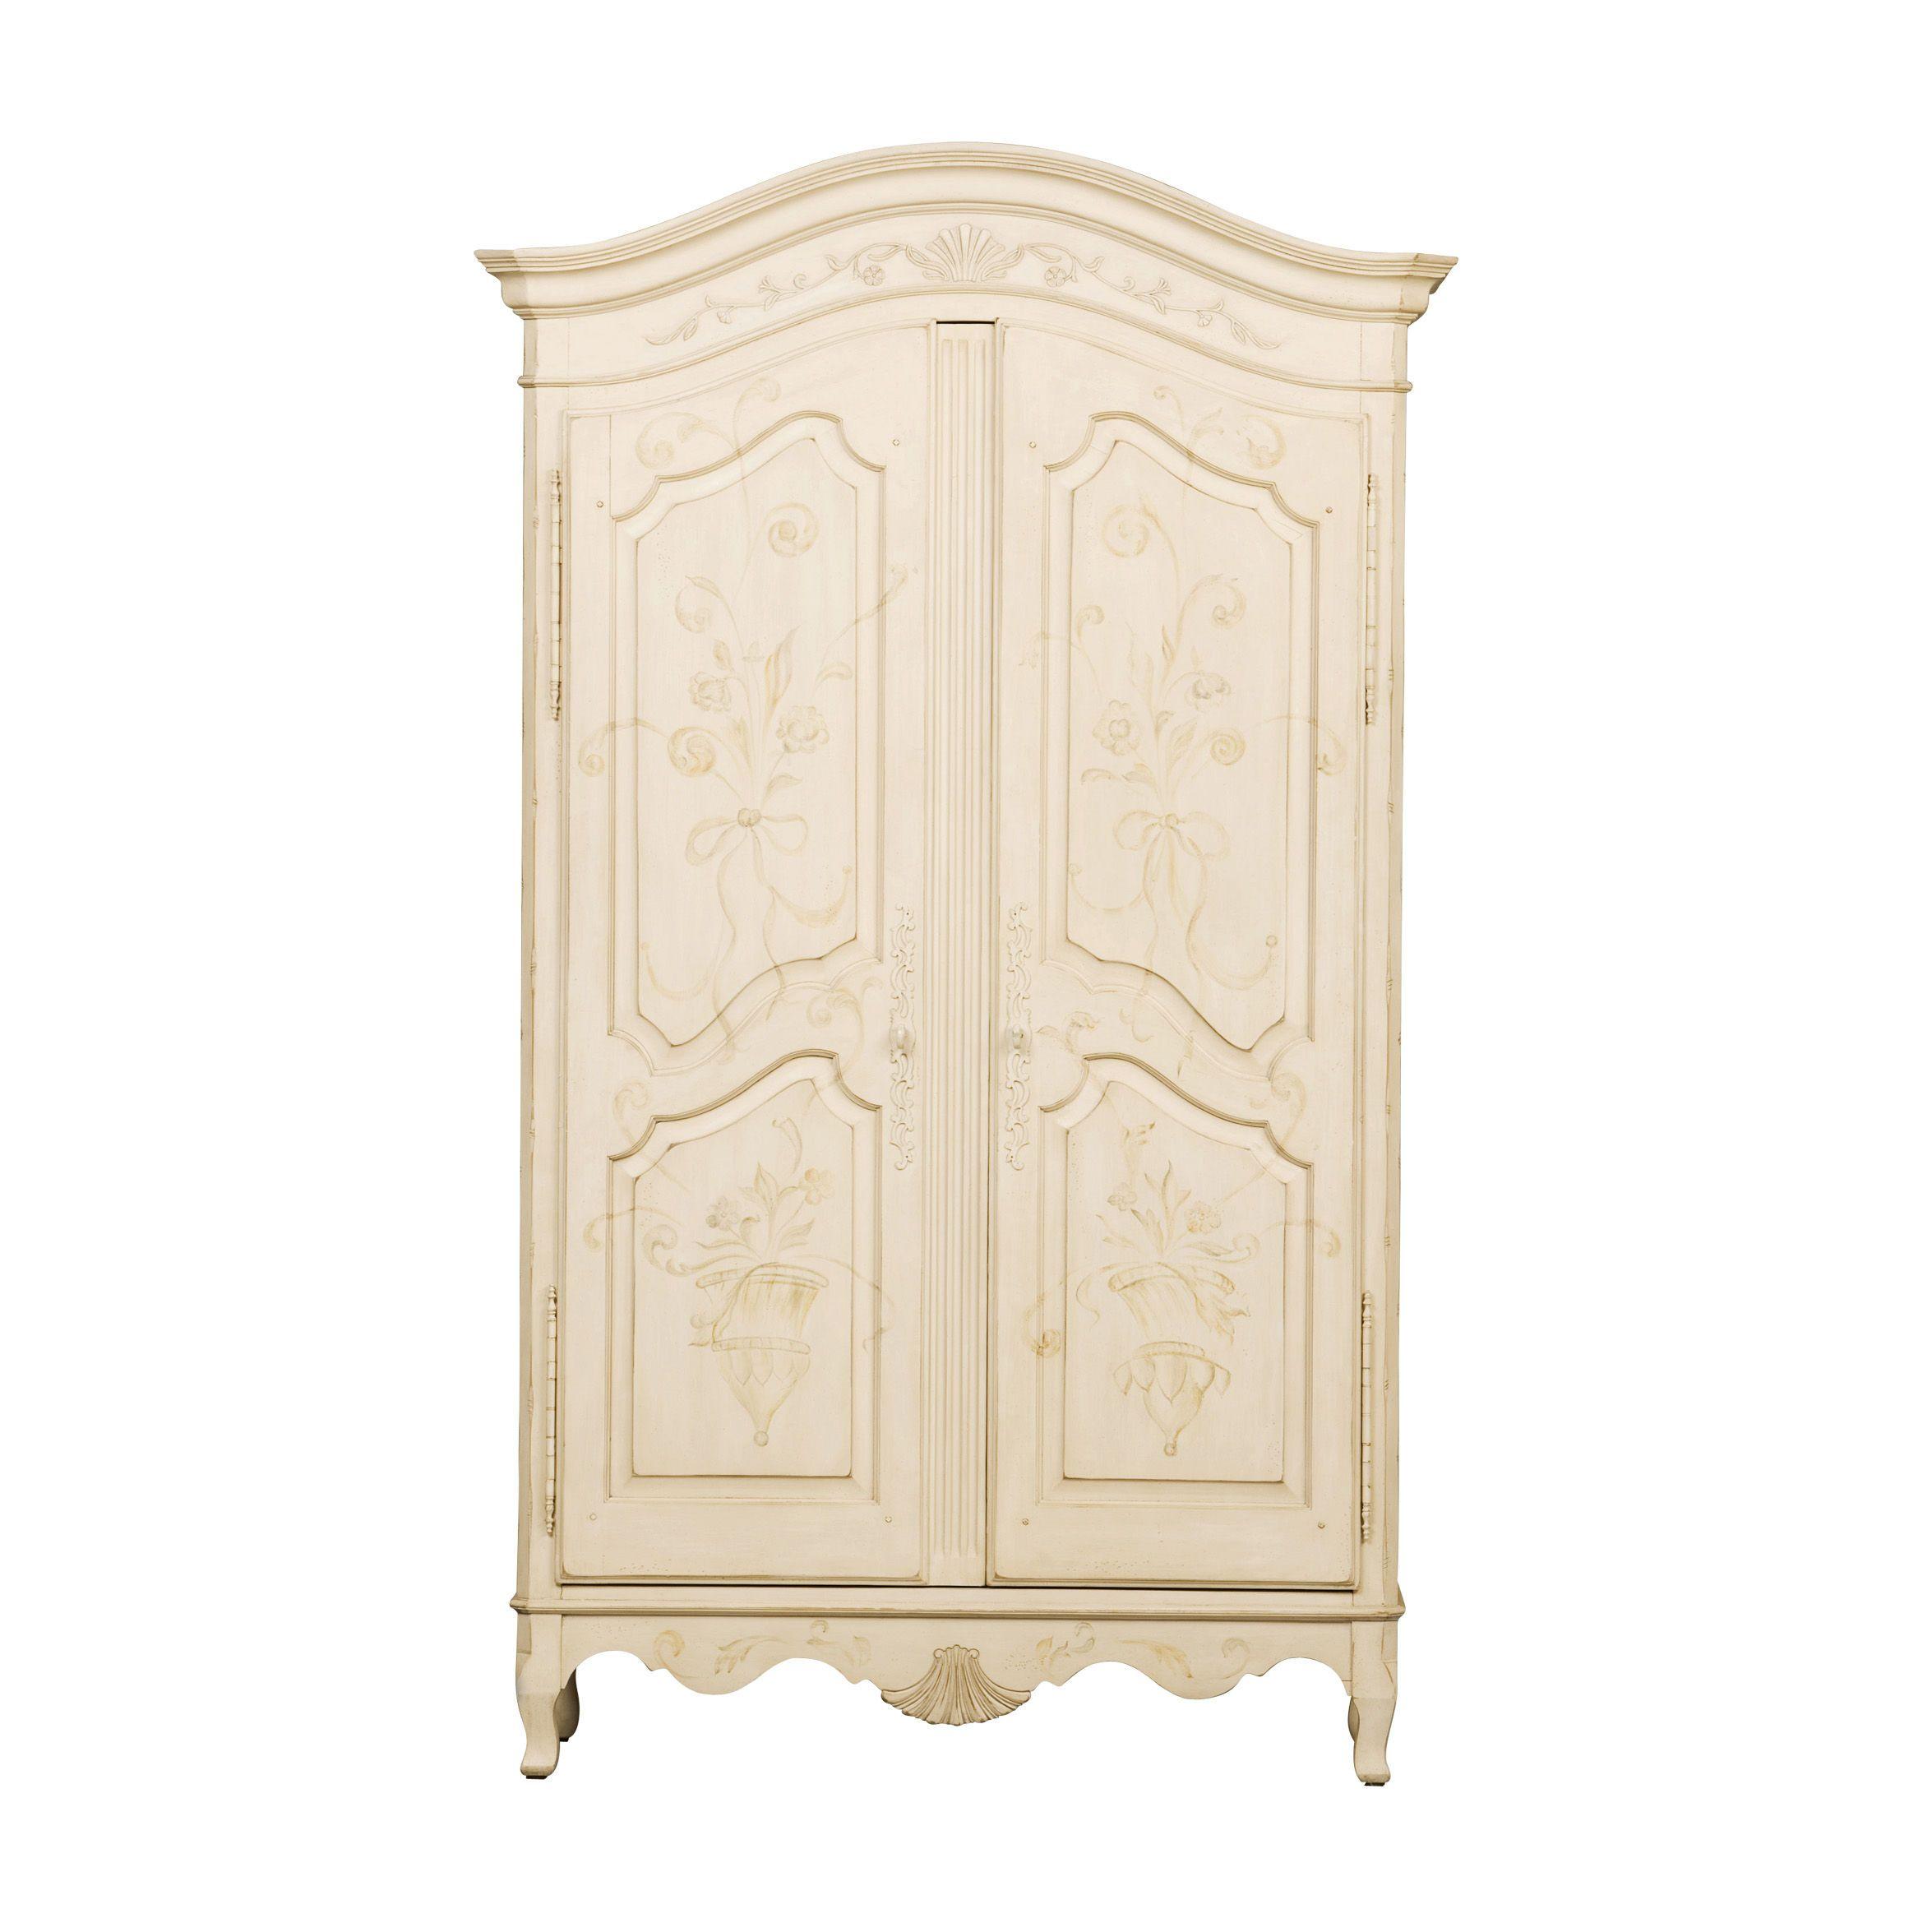 estelle armoire  ethan allen us  armoire furniture